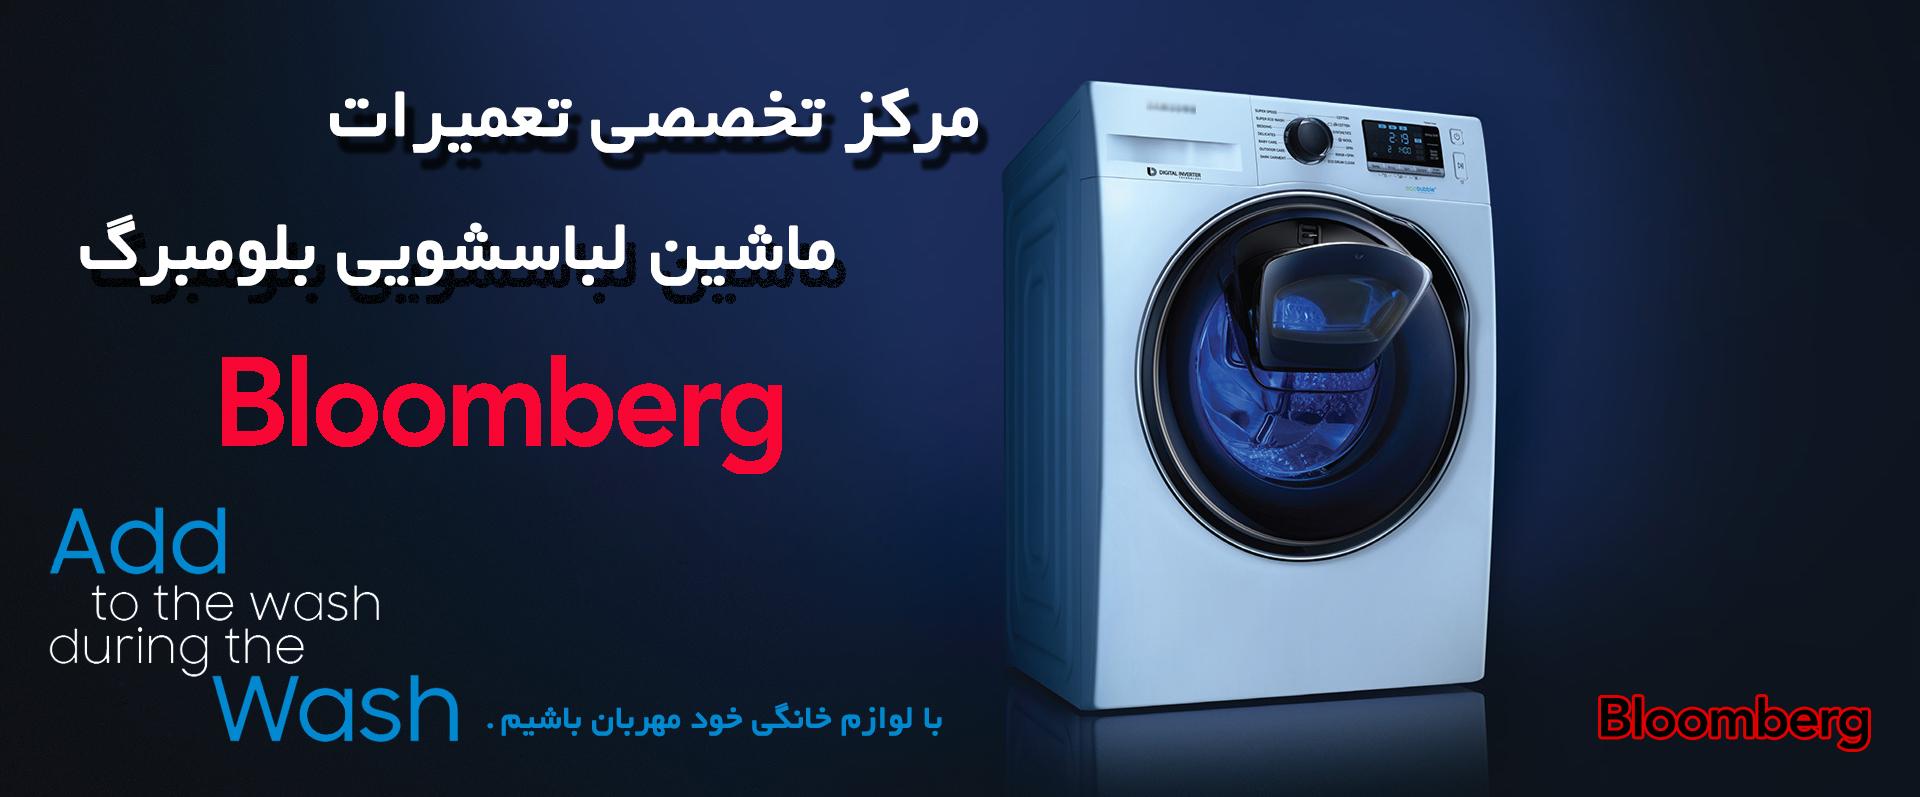 نمایندگی مجاز تعمیرات ماشین لباسشویی بلومبرگ